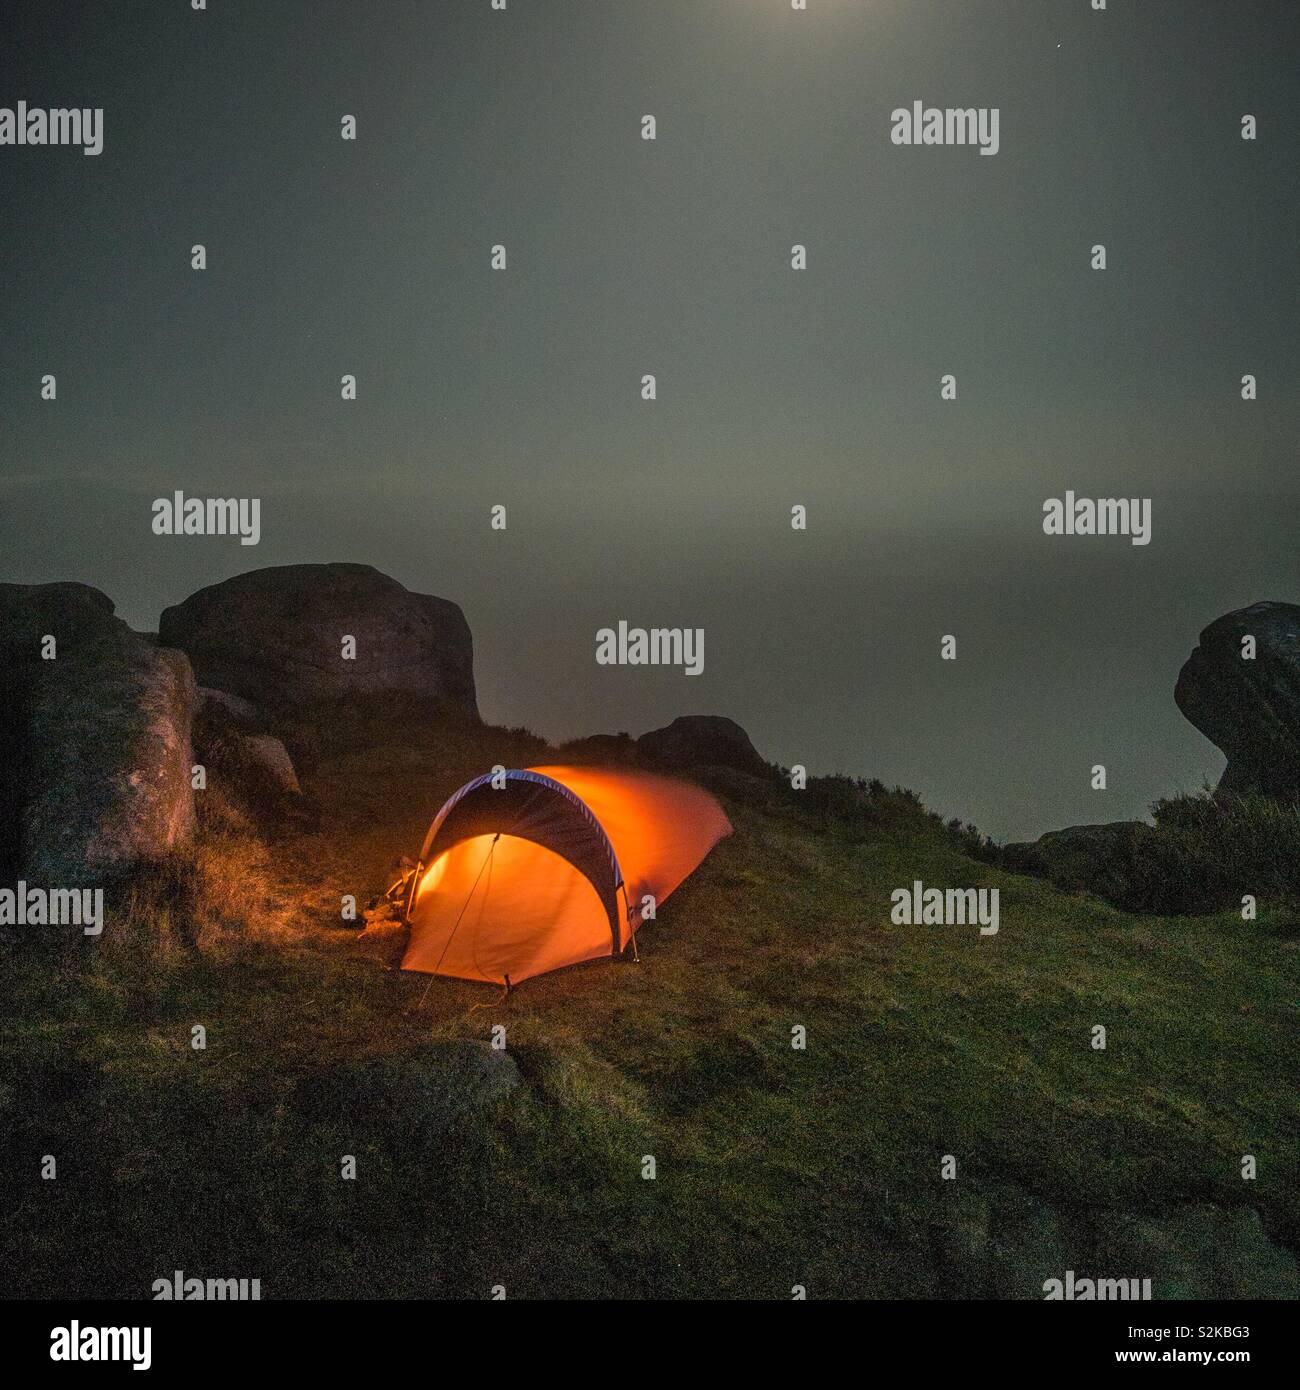 Camping salvaje Imagen De Stock